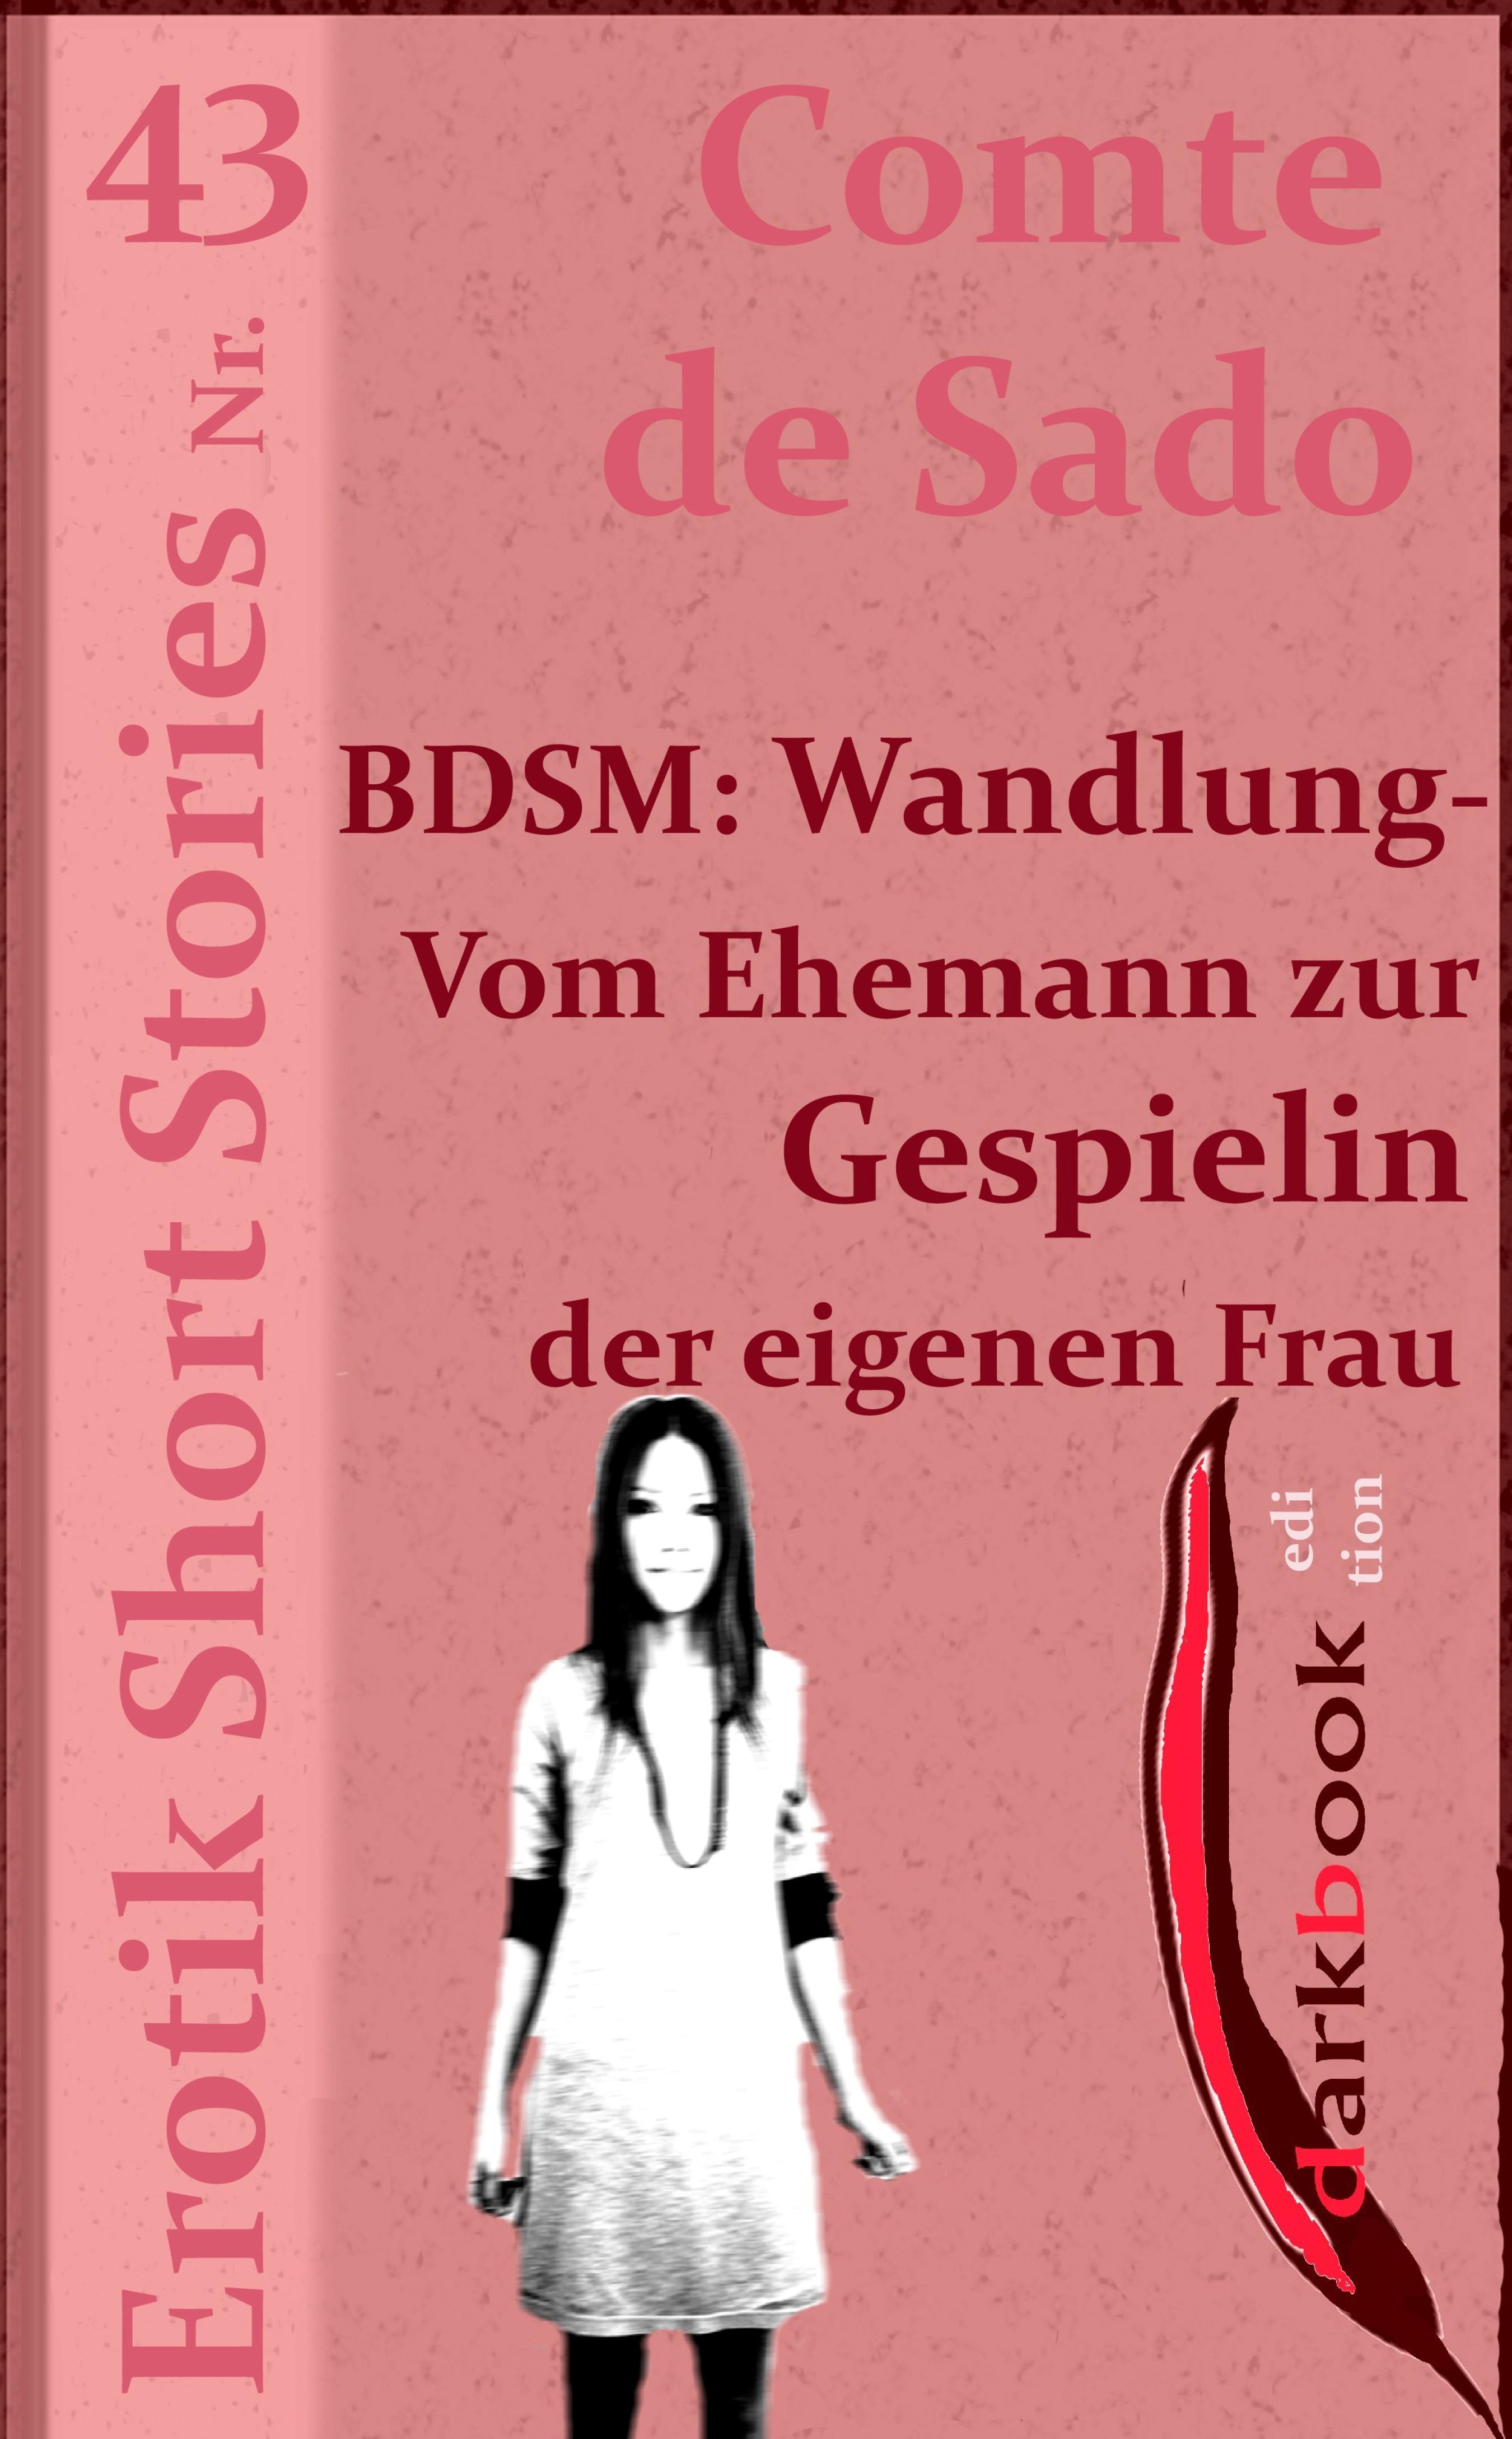 Comte de Sado BDSM: Wandlung - Vom Ehemann zur Gespielin der eigenen Frau comte de sado bdsm rosi weiß was jünglinge brauchen